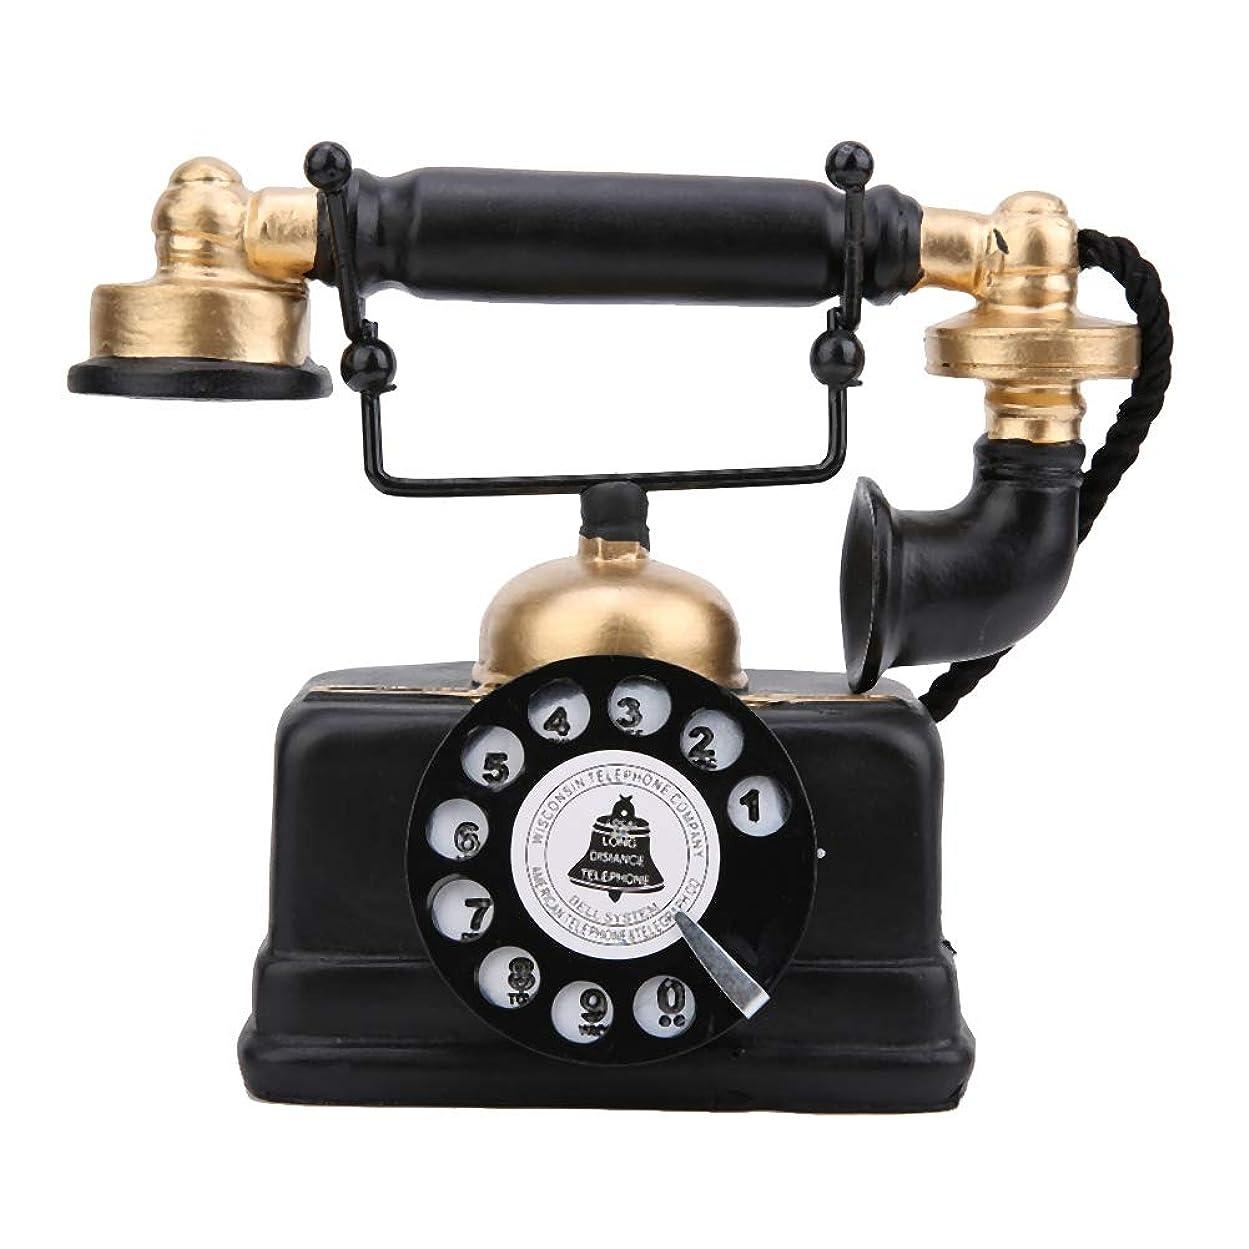 ティッシュ小川有名人Salinr ヴィンテージレトロアンティーク電話有線有線固定電話ホームデスクの装飾飾り、ヴィンテージ装飾電話固定電話/アンティーク電話